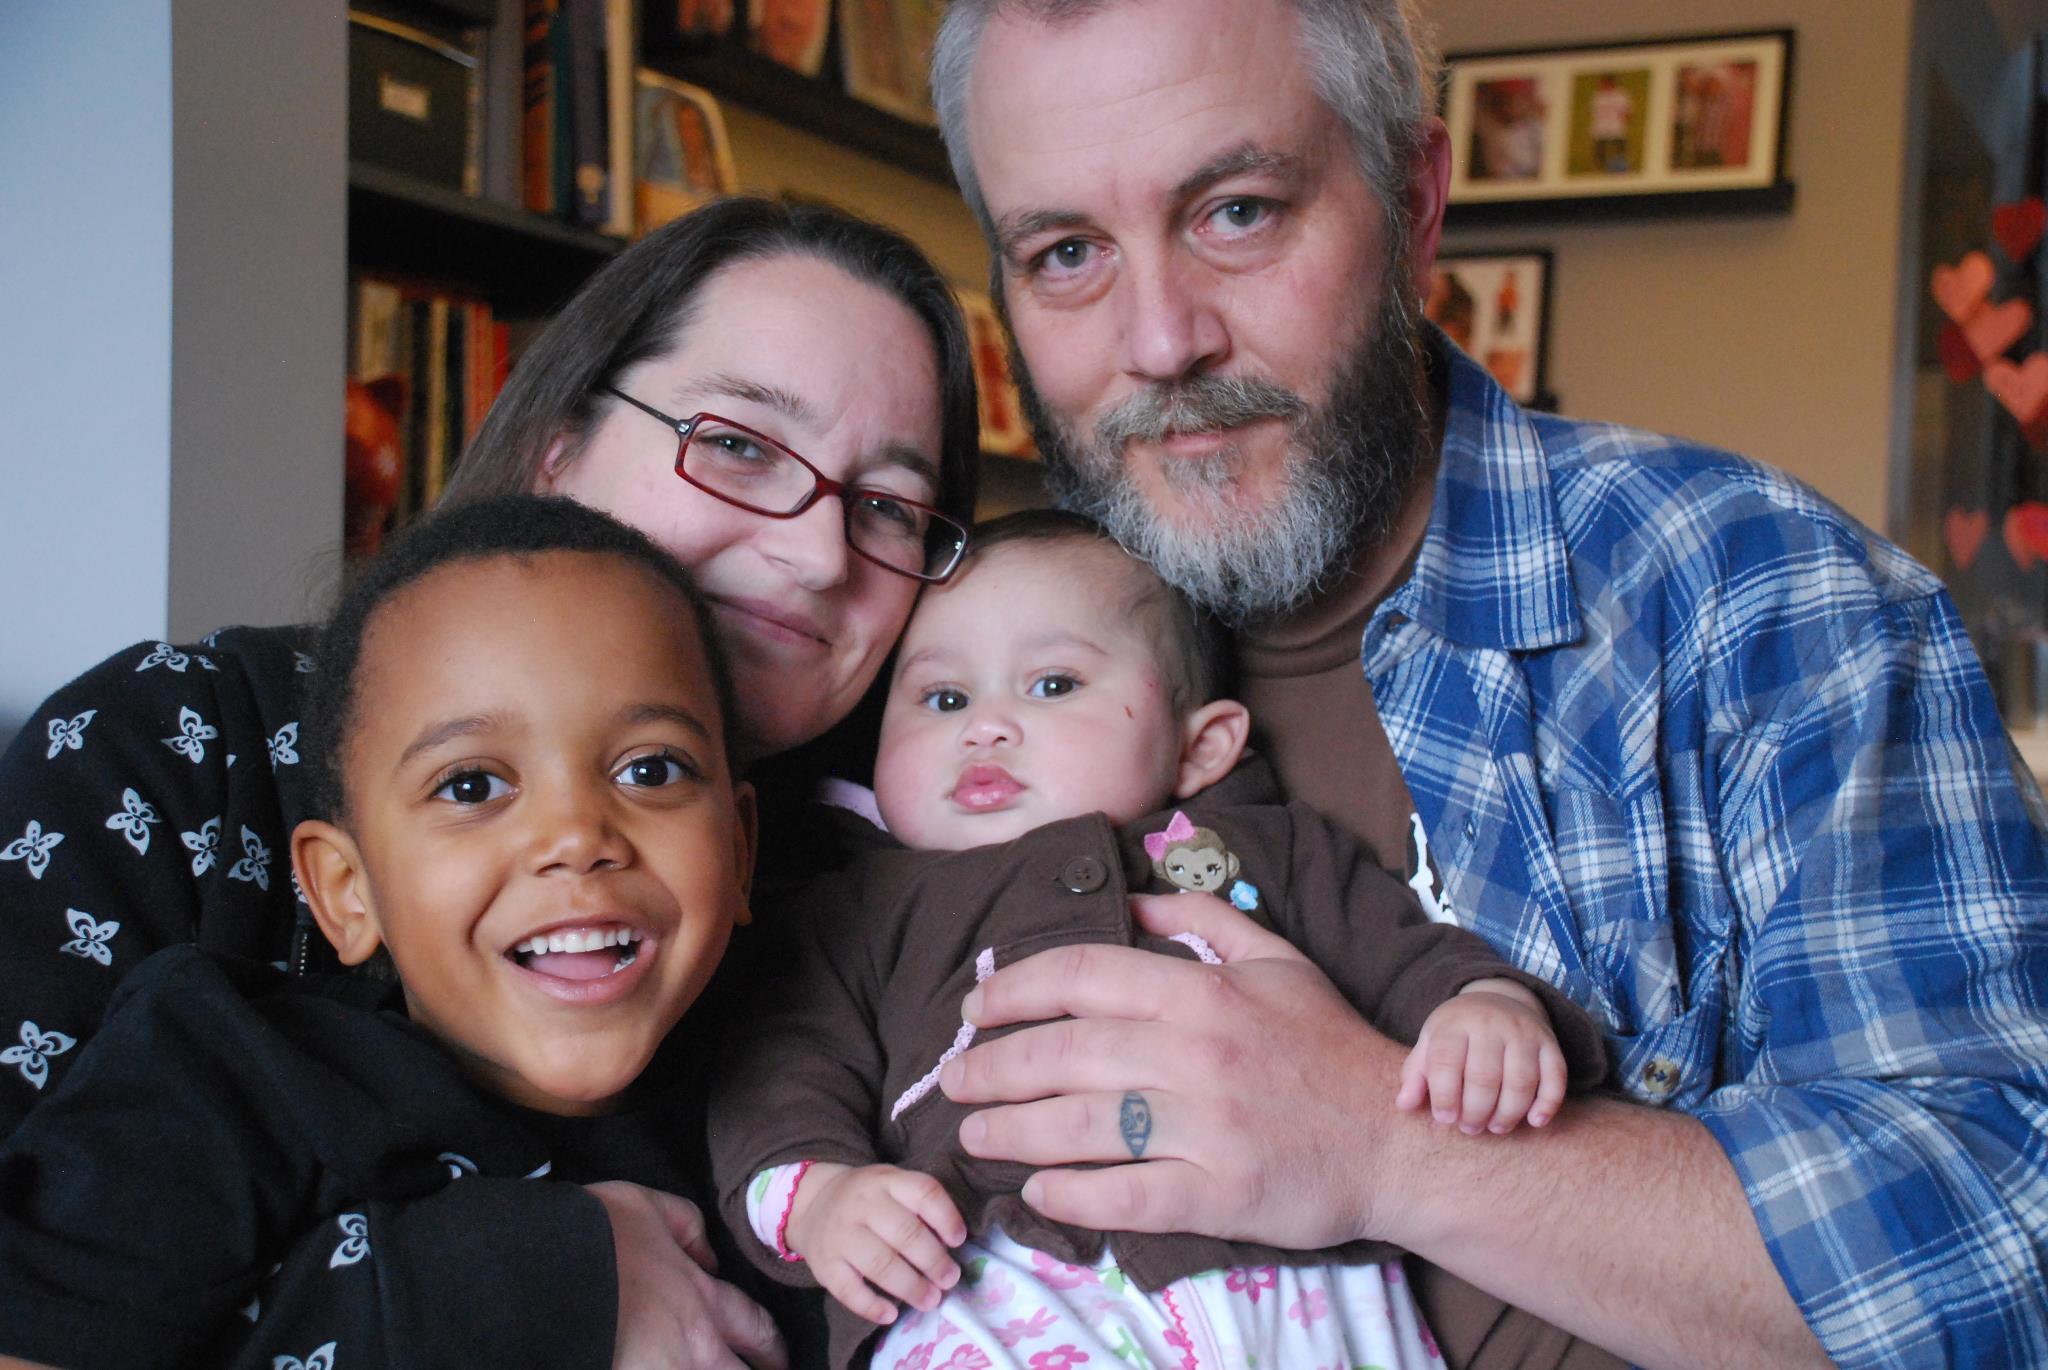 Our adoption day family photo